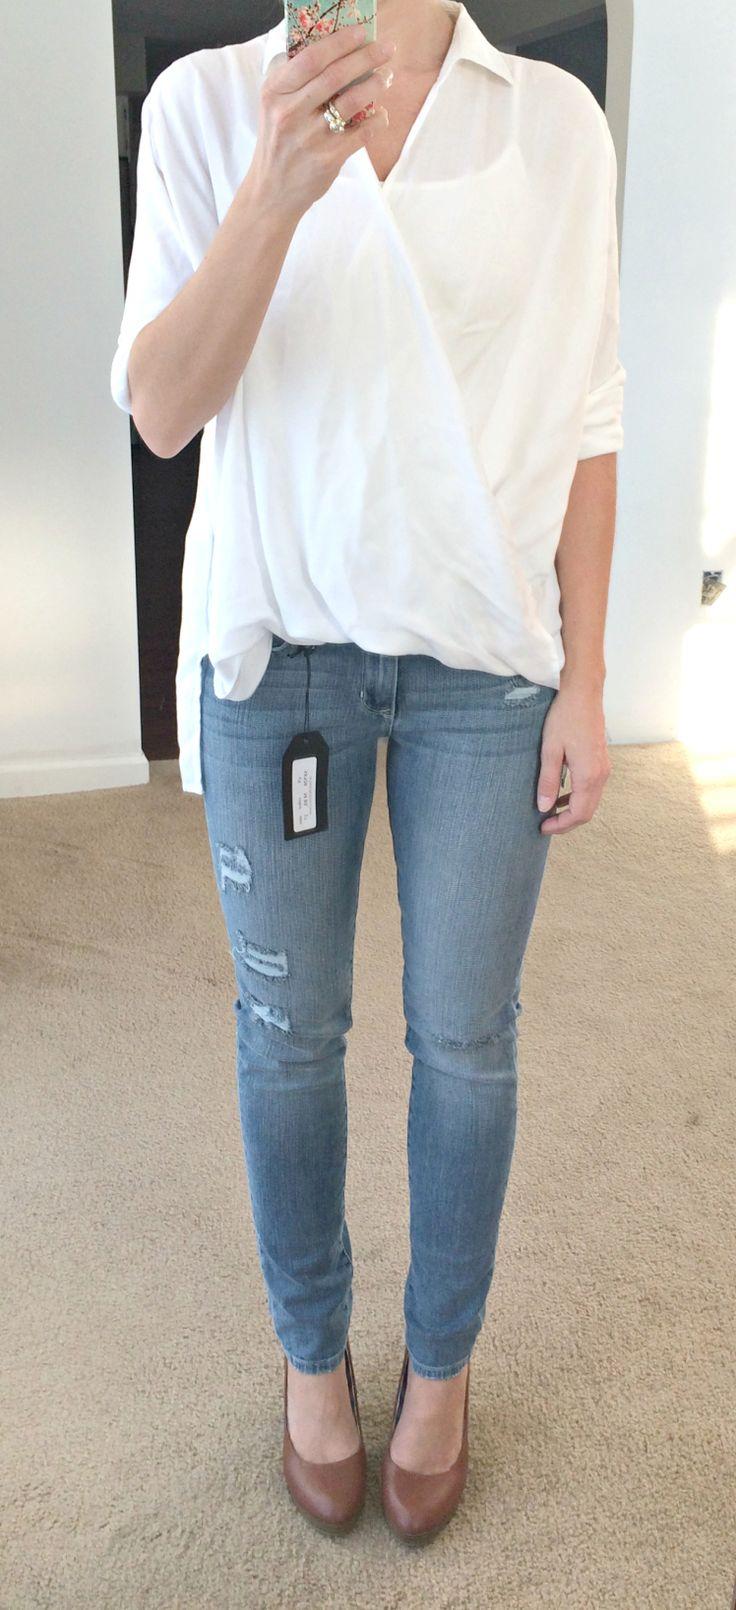 Stitch Fix Review: Just Black Riley Distressed Skinny Jean |www.pearlsandsportsbras.com|